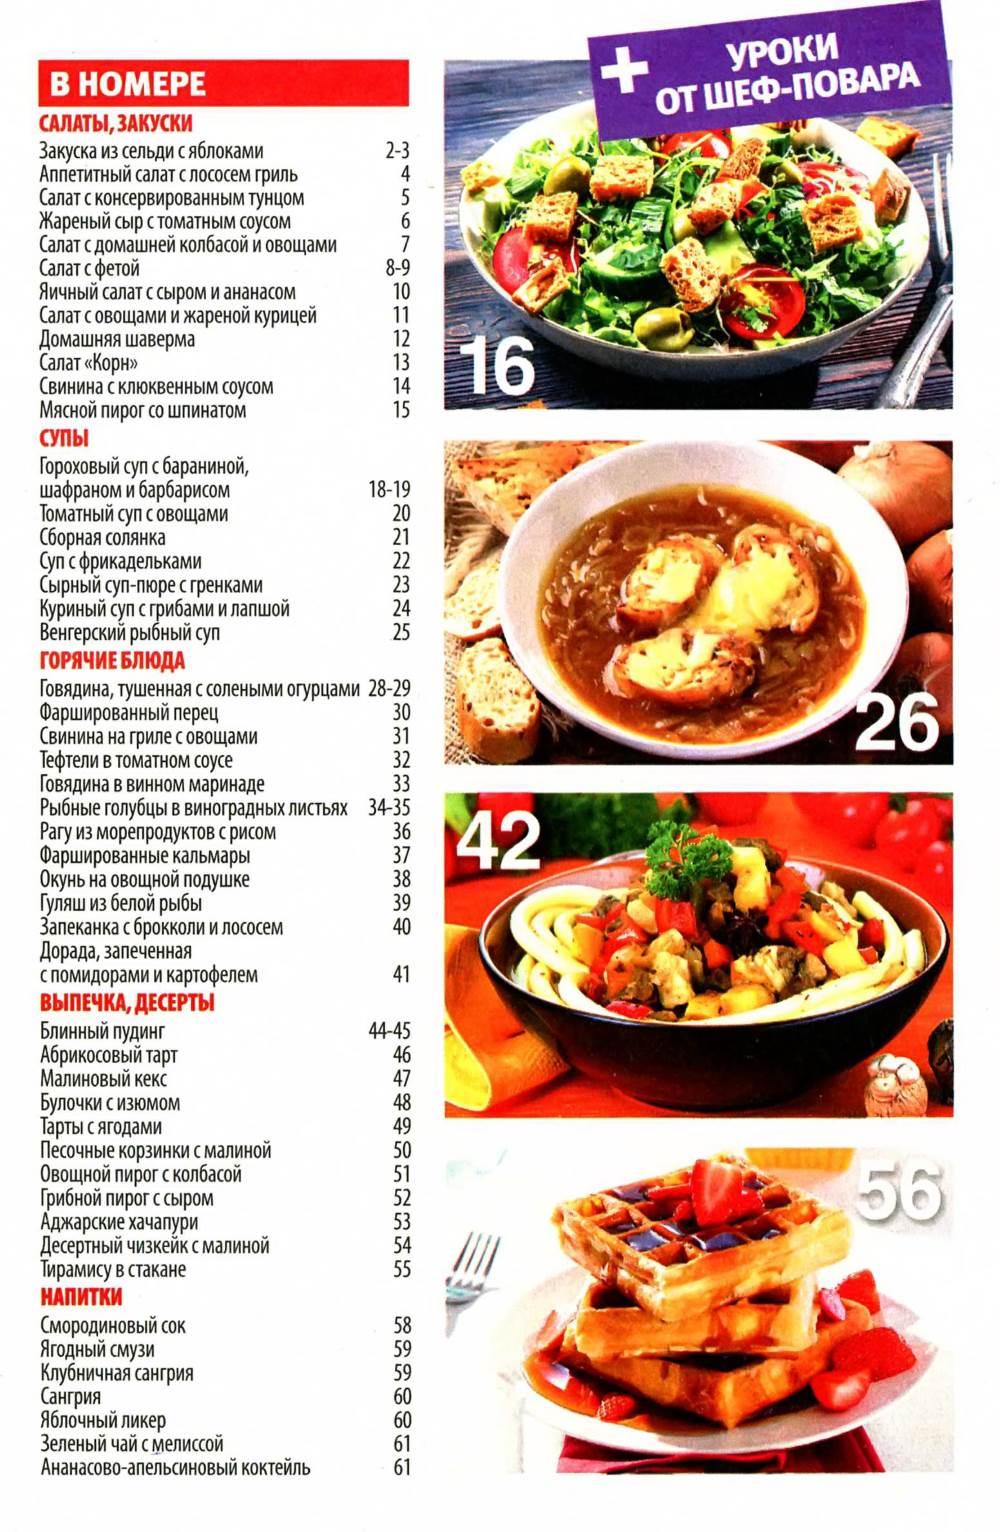 SHkola kulinara    10 2014 goda sod Любимый кулинарно информационный журнал «Школа кулинара №10 2014 года»